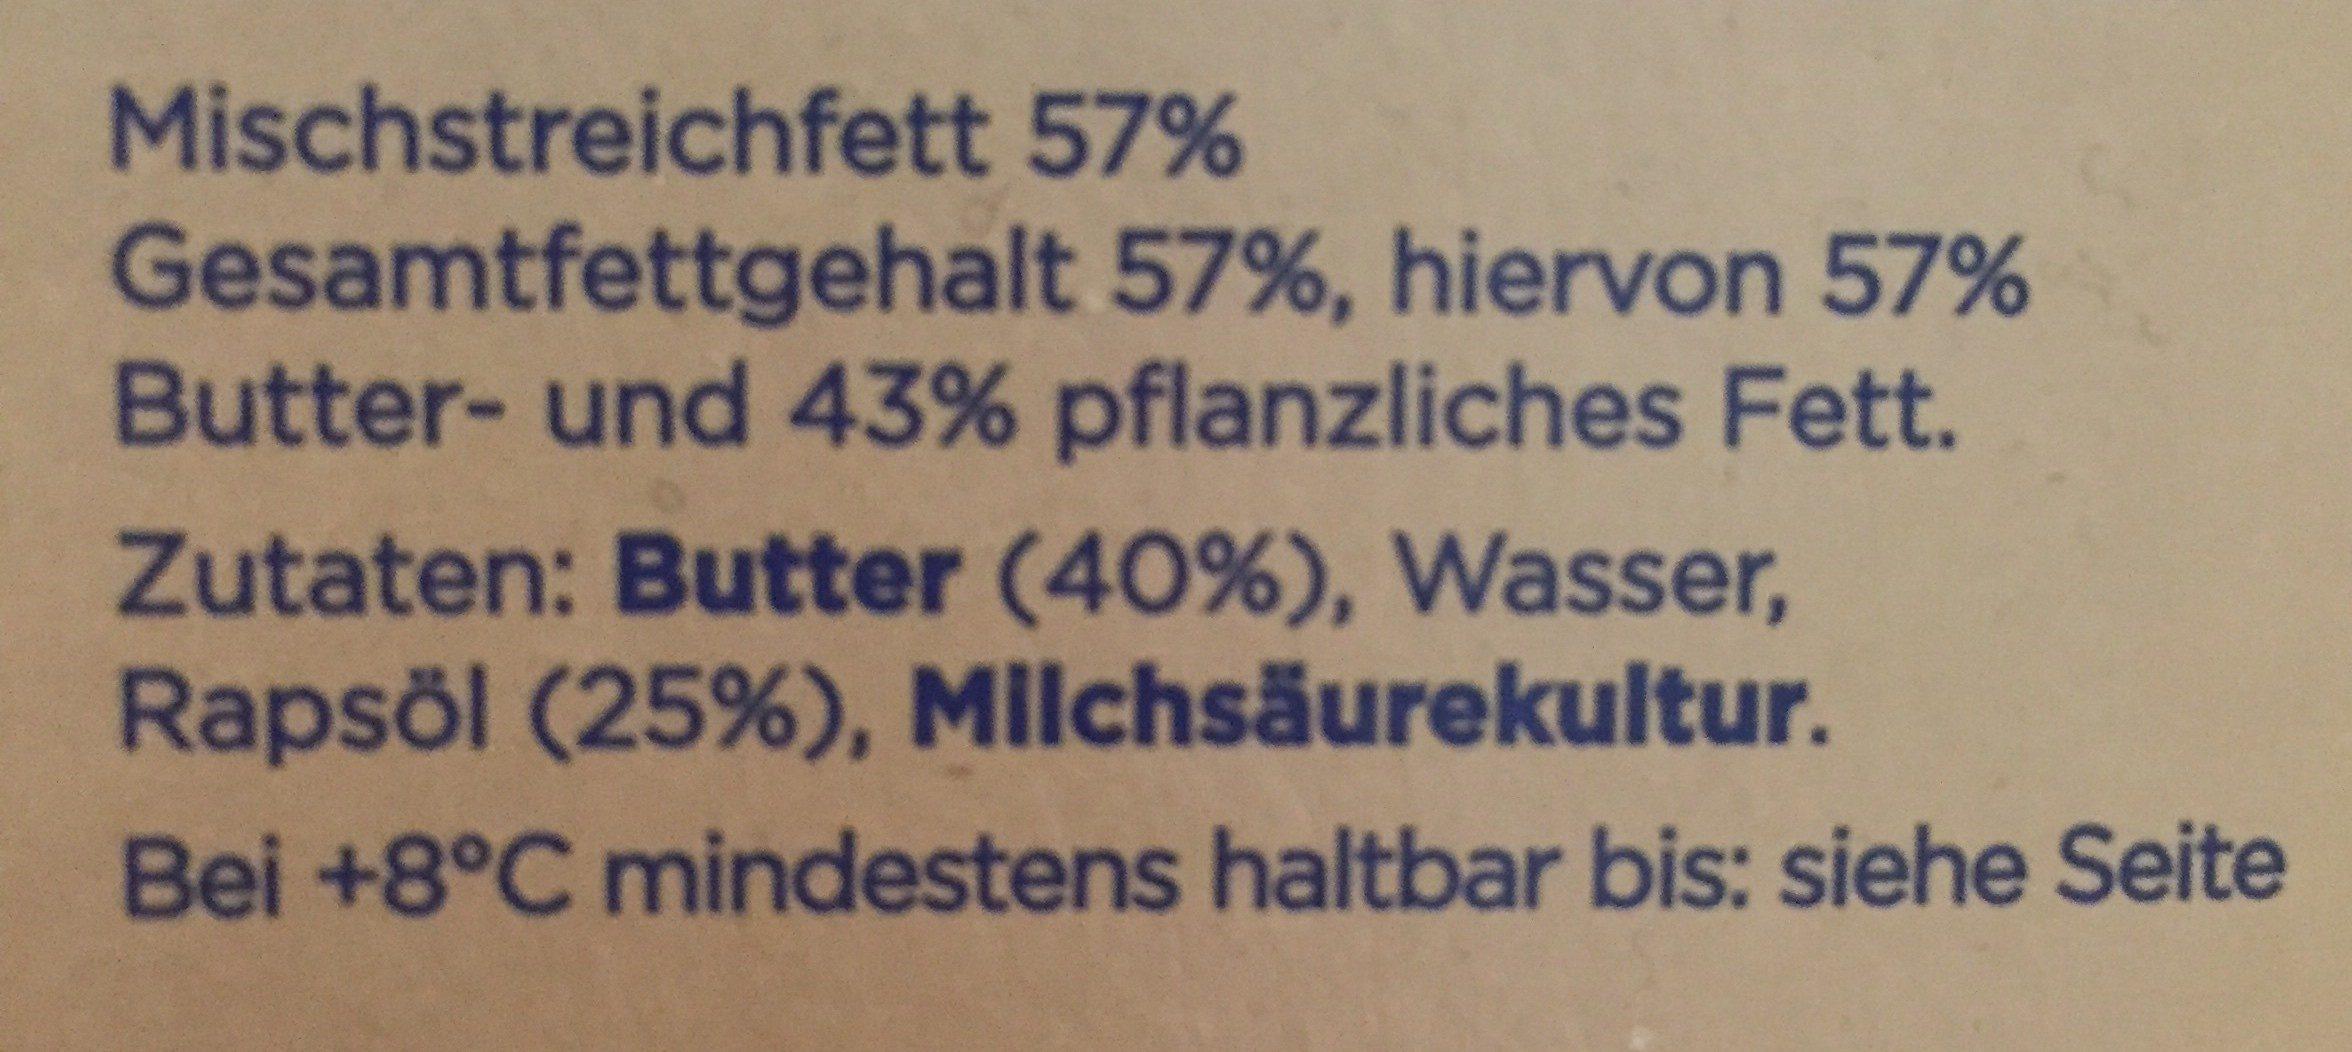 Kærgården  Butter Balance ungesalzen - Ingrediënten - de